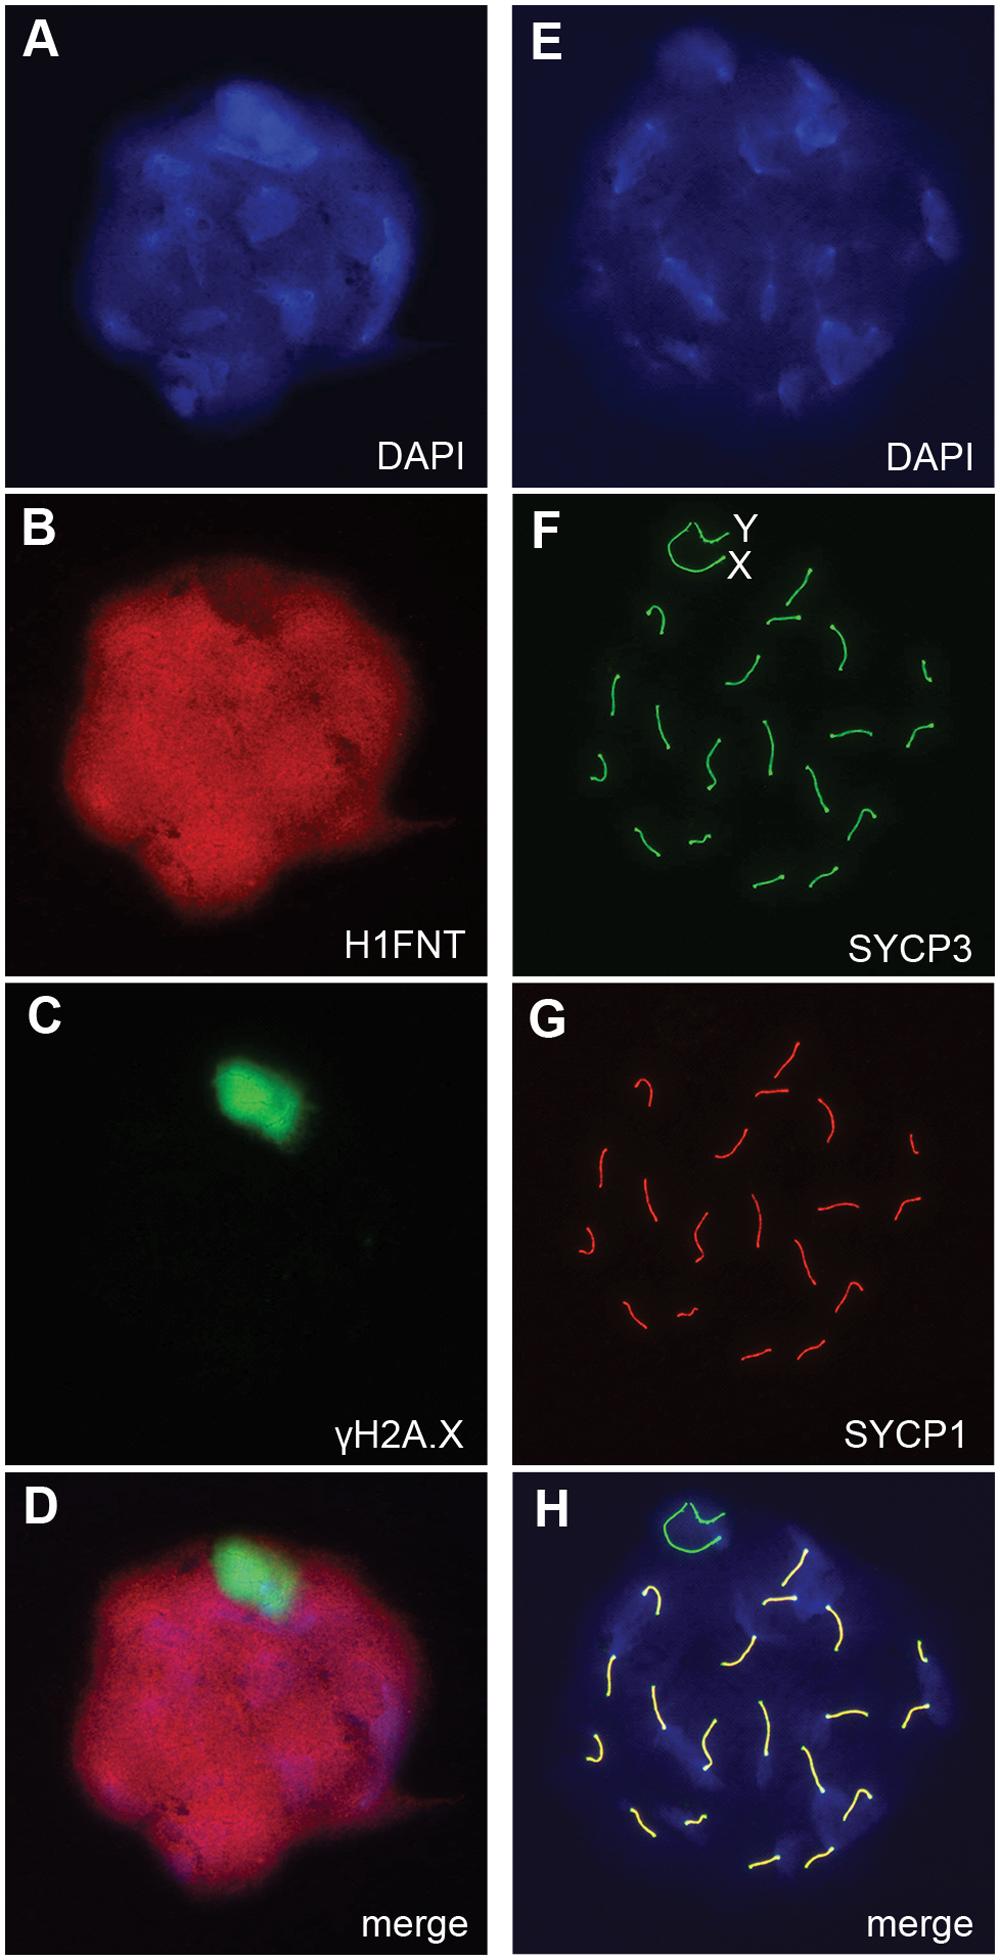 Autosomal synapsis in <i>H3f3b</i> heterozygous spermatocytes.